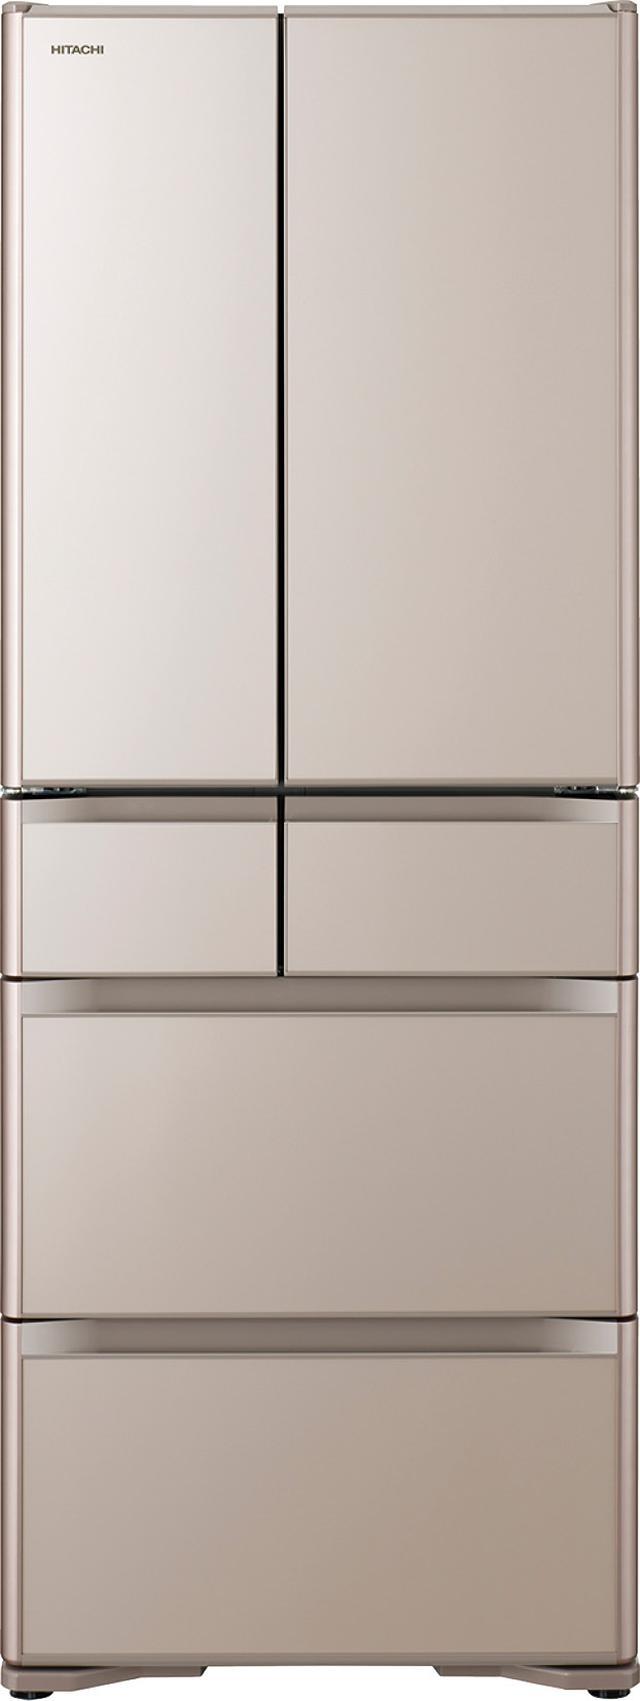 画像2: 【冷蔵庫おすすめ2019】ポイントは「野菜室の位置」にあり?BEST3はコレだ!